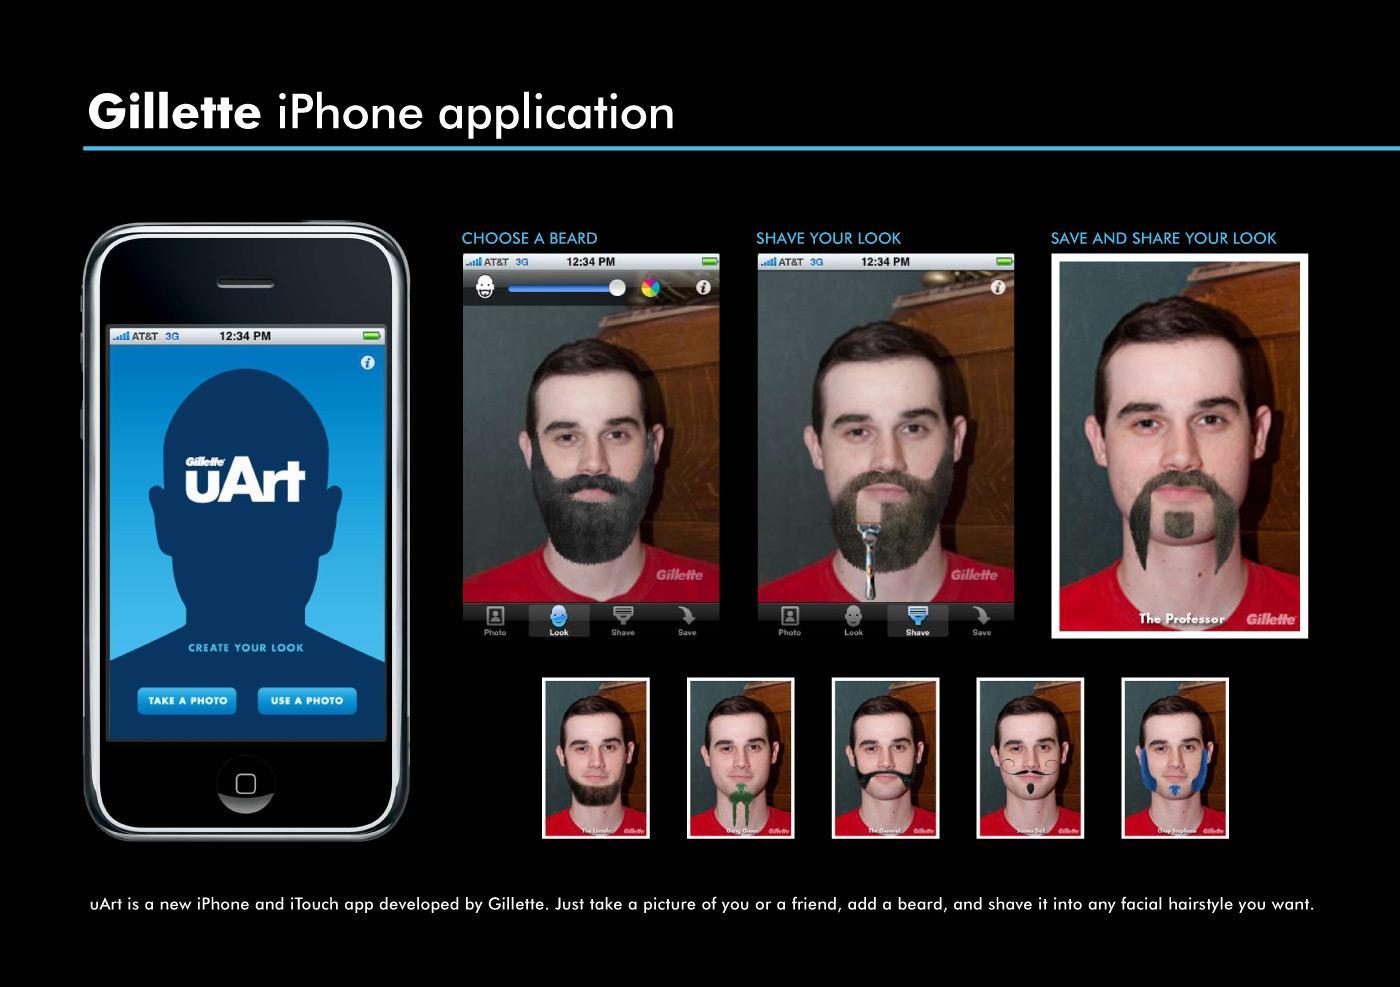 Gillette Digital Ad -  uArt iPhone application